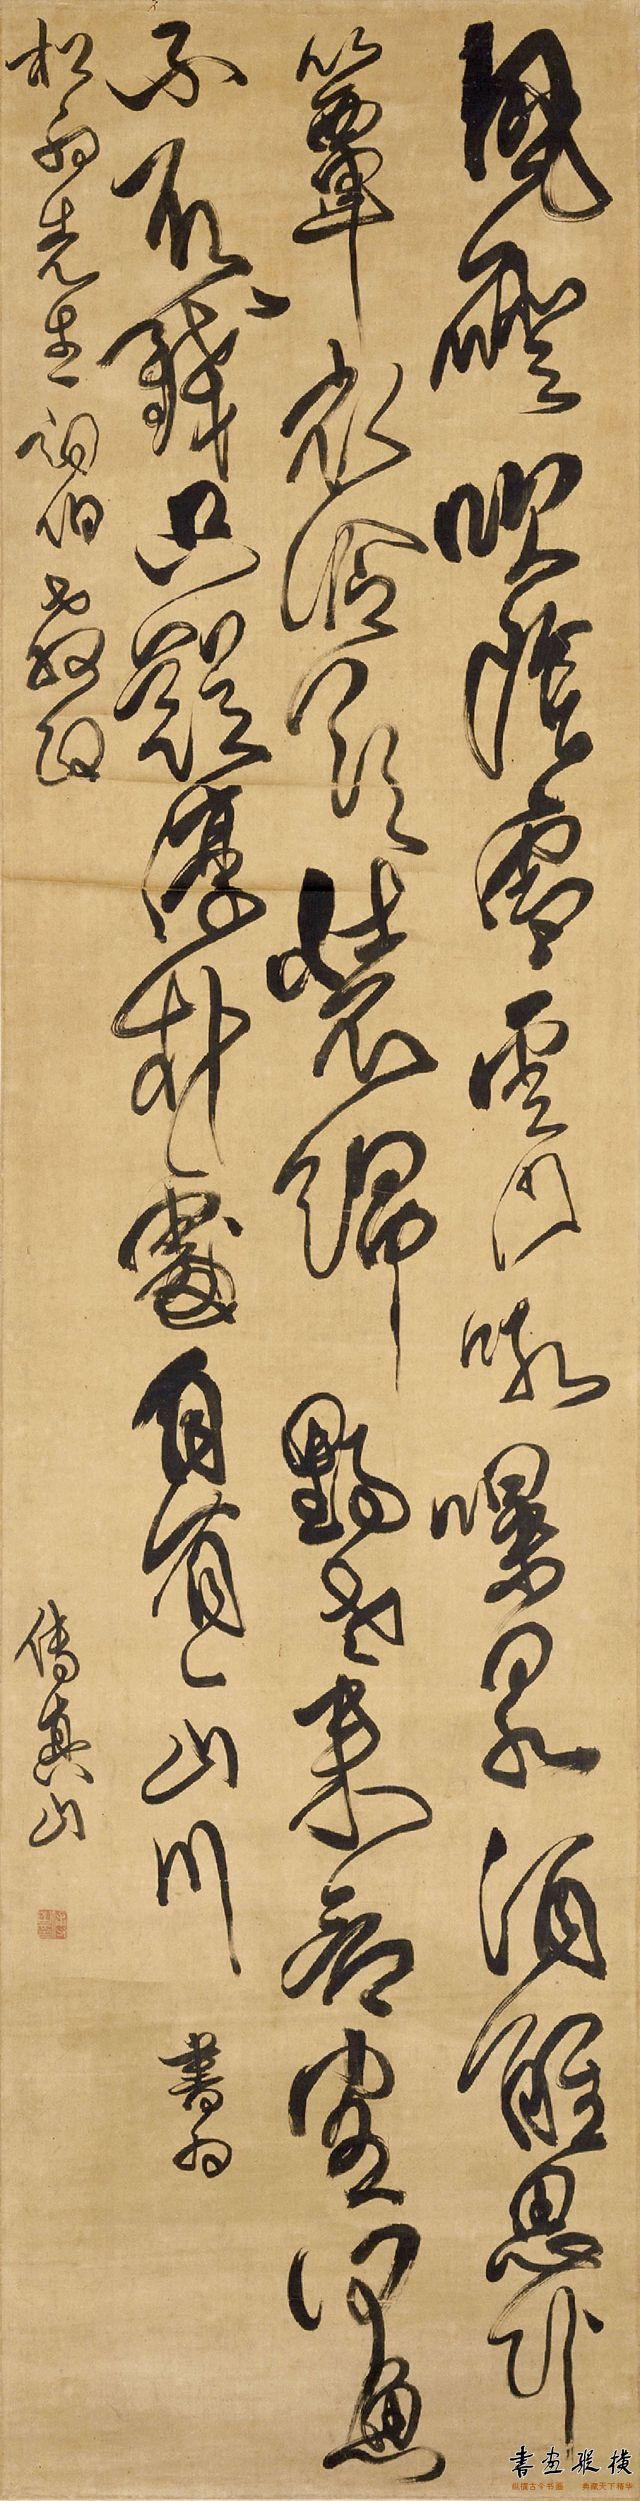 傅山《杜甫五律诗轴》轴 绫本,纵:185.7厘米,横:51厘米,故宫博物院藏